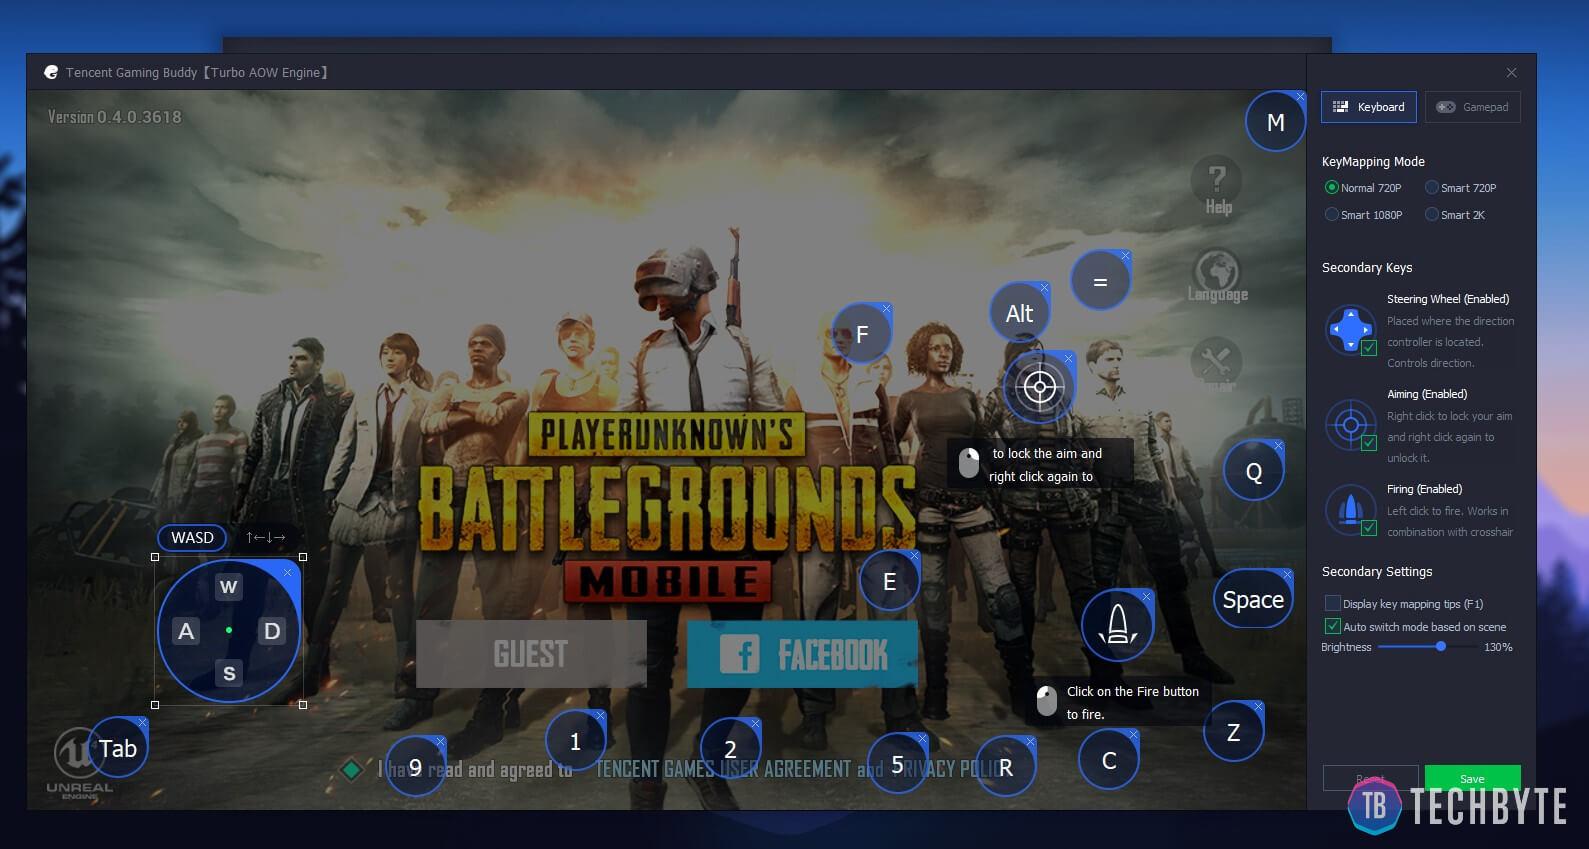 Pubg Mobile Emulator Ultra Hd Yapma: PUBG Mobile Si Môžeš Zahrať Aj Na Počítači. Vyskúšaj